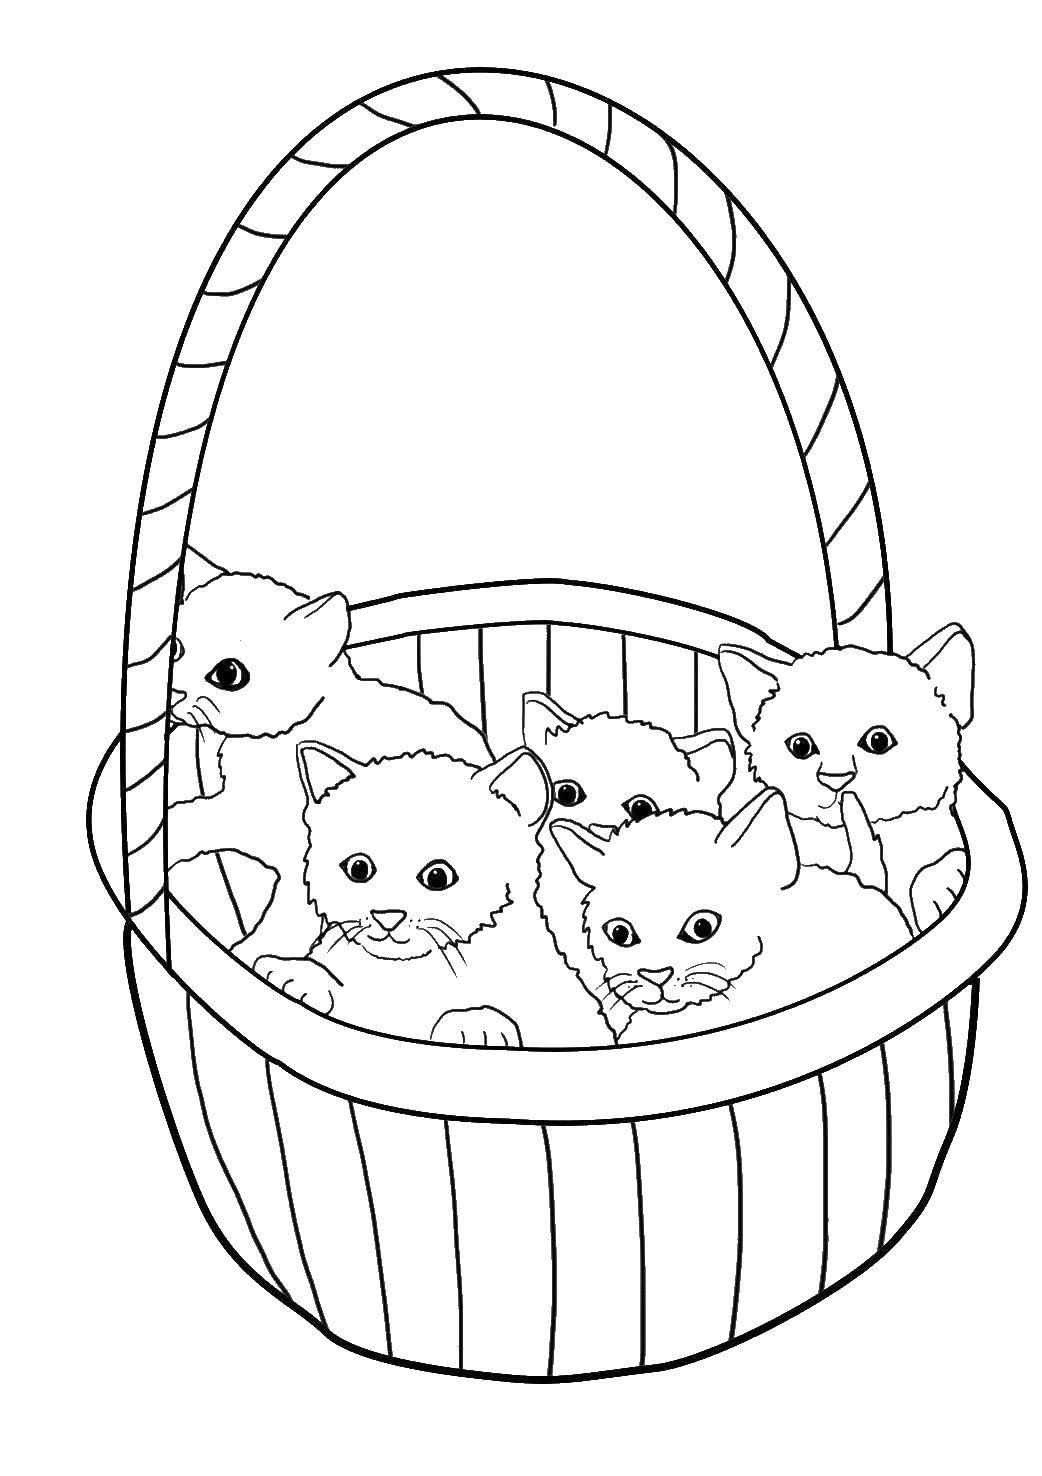 Раскраска Корзинка с котятами Скачать ,Животные, котята, корзинка,.  Распечатать